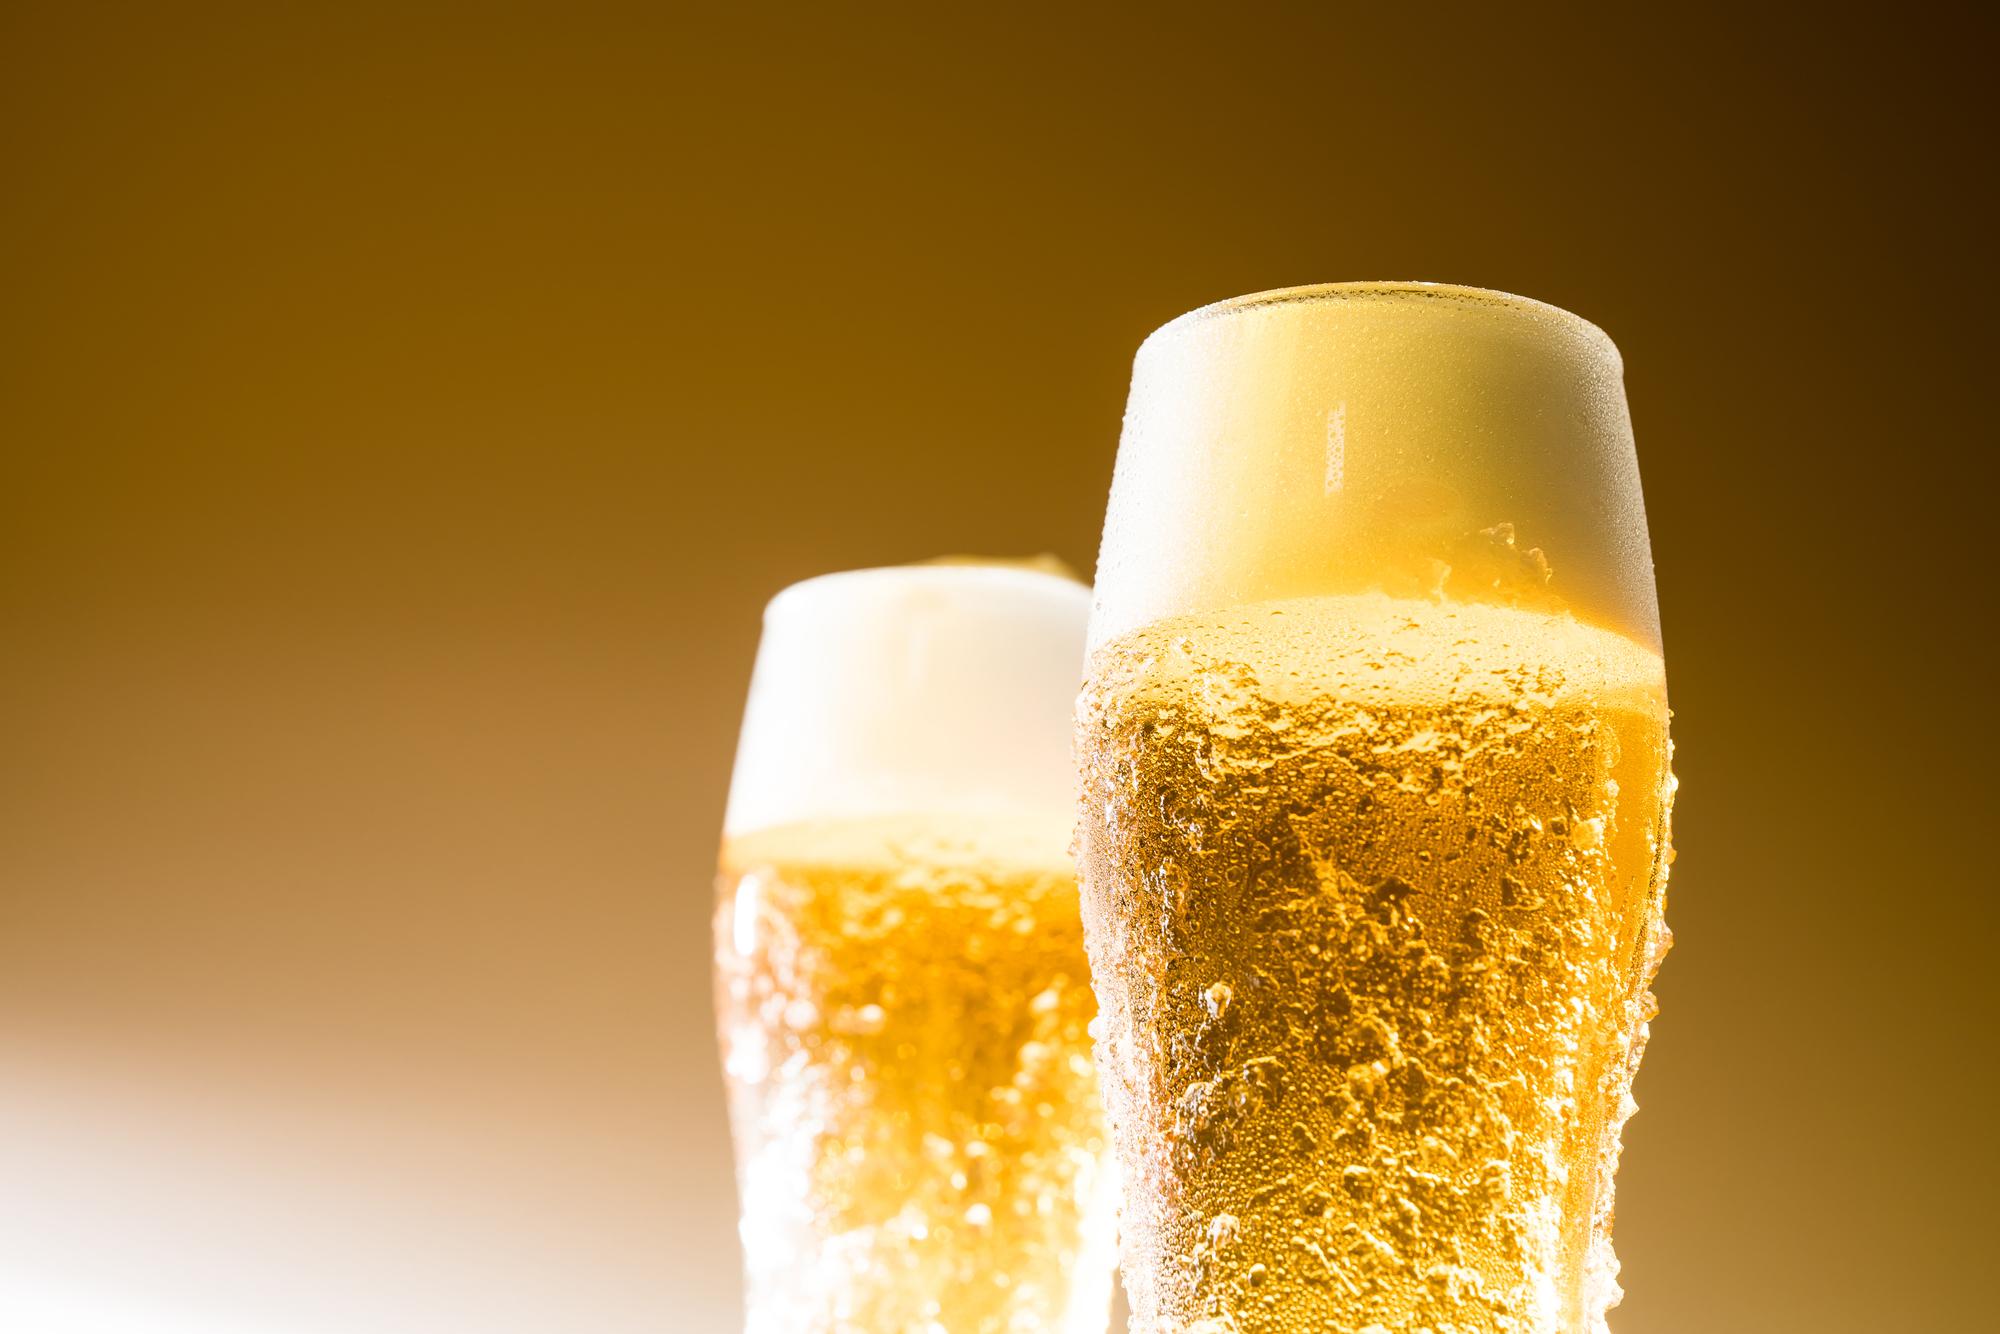 グラスに注がれた美味しそうなビール